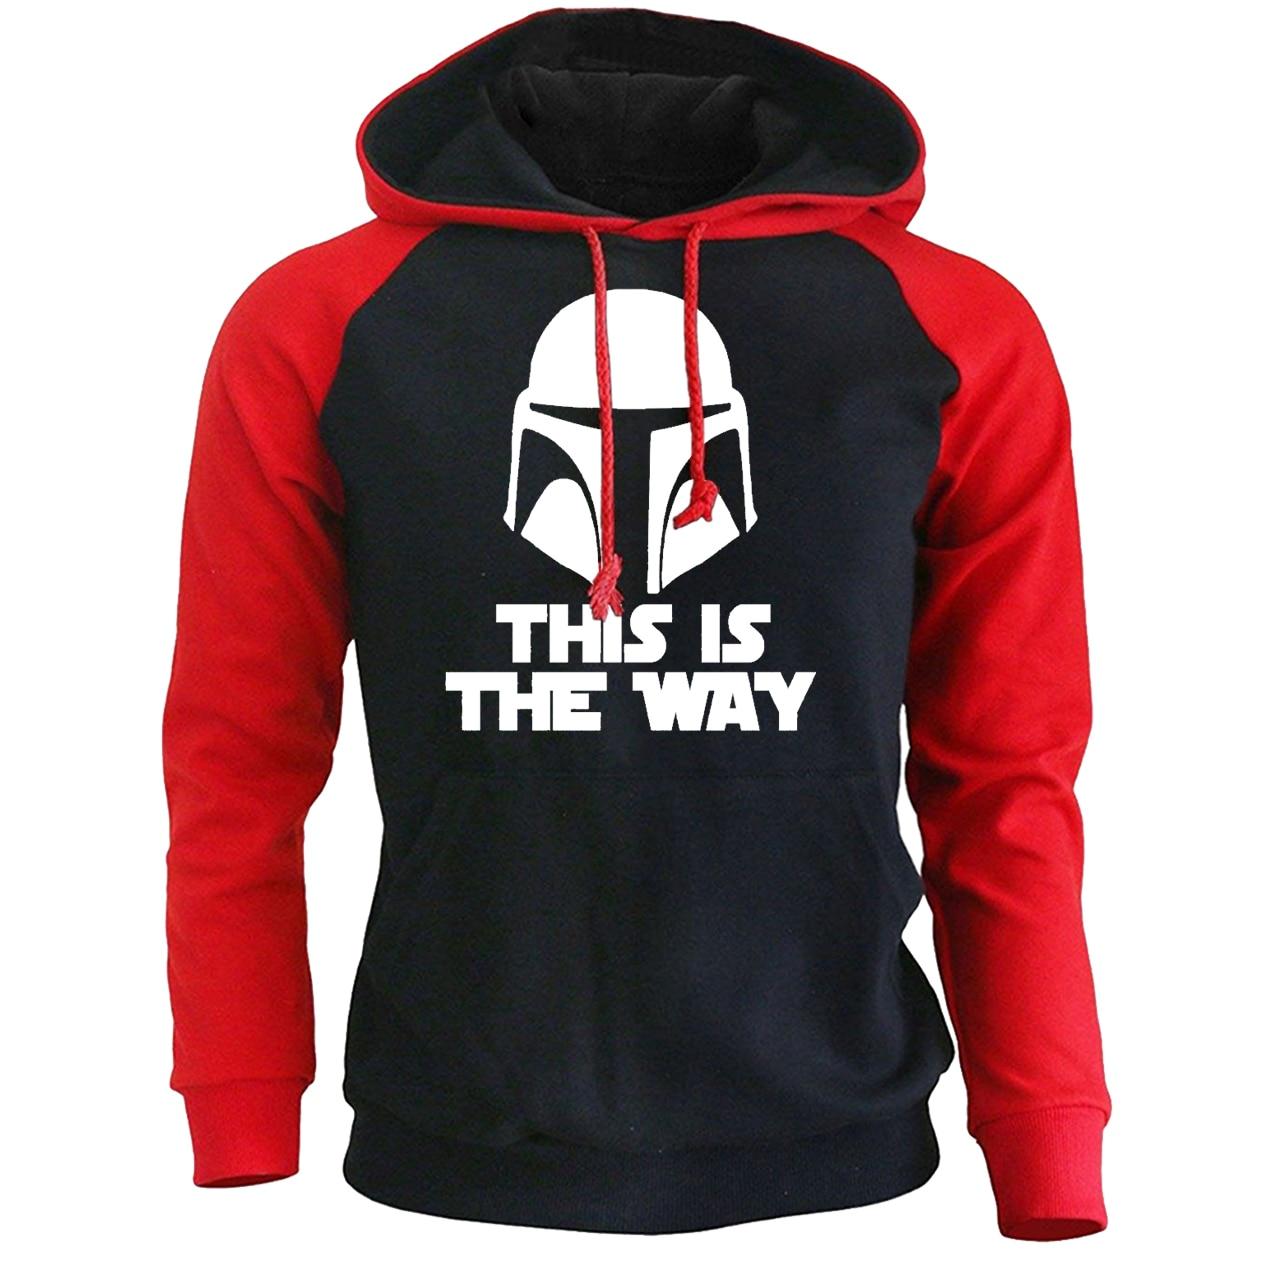 Star Wars Hoodie Sweatshirt Rise Of Skywalke Tracksuit This Is The Way The Mandalorian Hoodies Men Sweatshirt Starwars Pullover